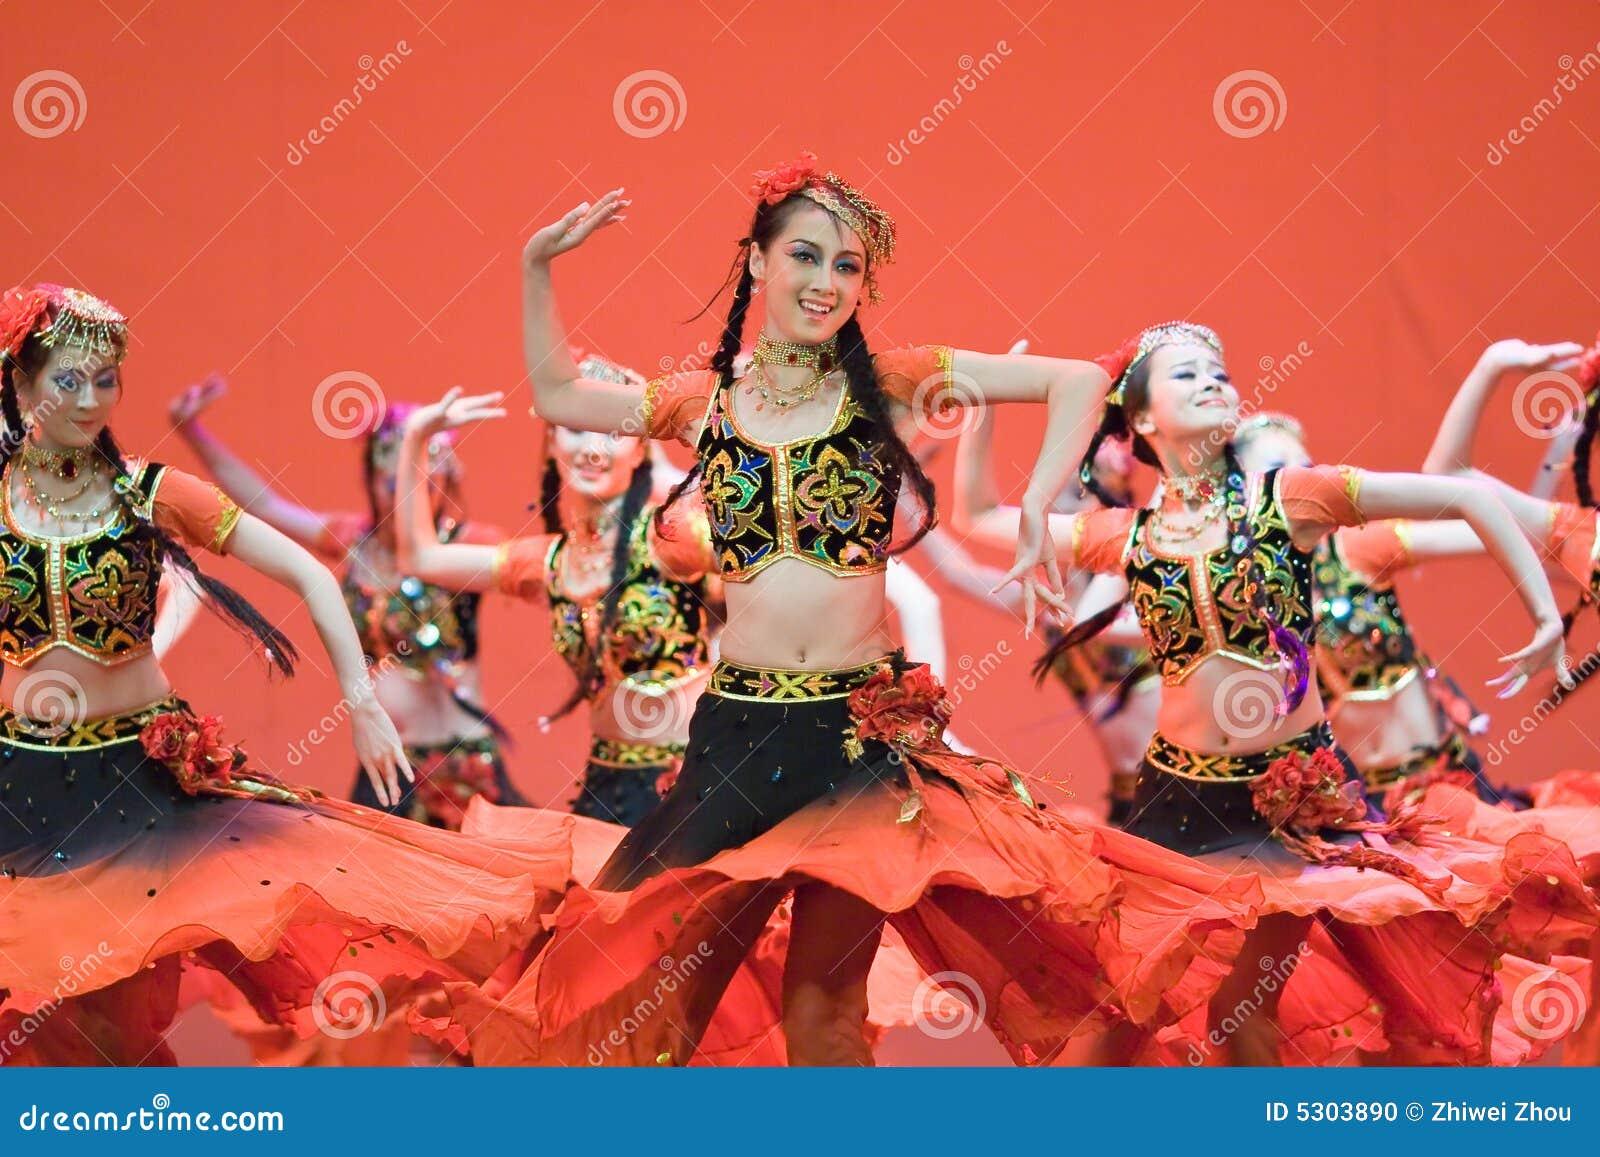 Download Popolo Cinese Di Ballo Di Piega Immagine Editoriale - Immagine di culturale, modo: 5303890